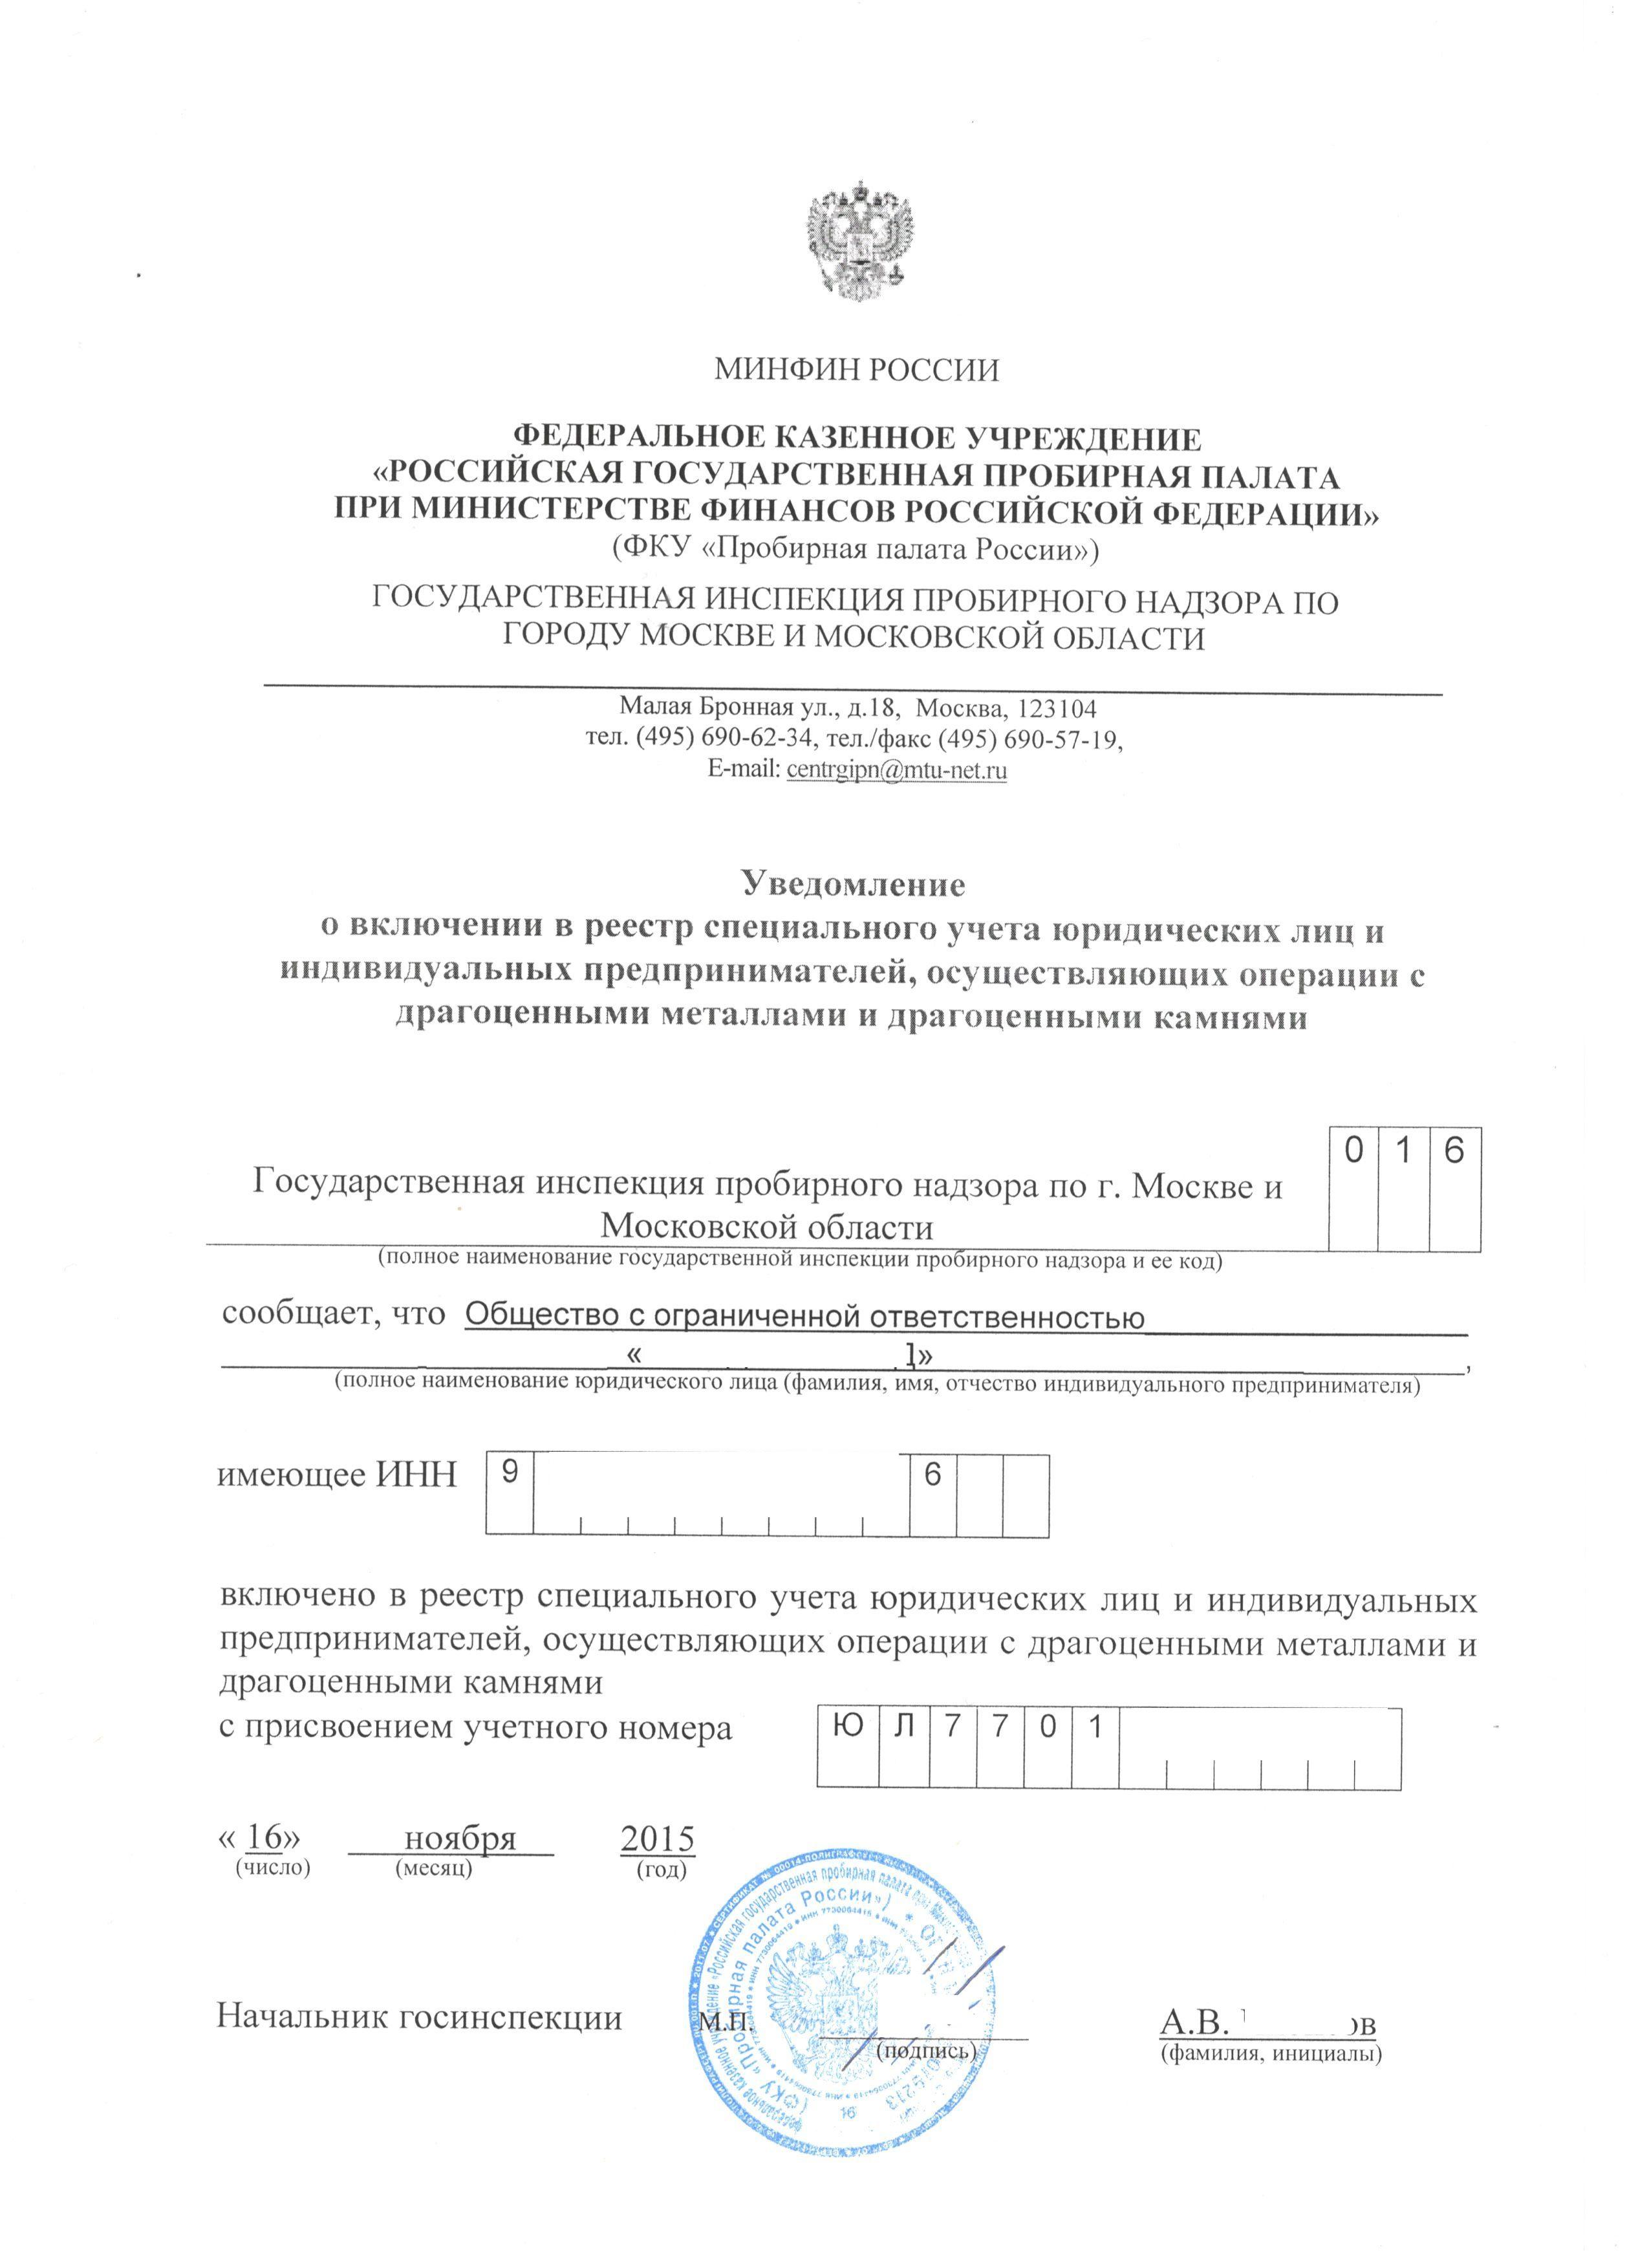 Регистрация договоров ип палата заявление о регистрации в фсс ип как работодателя